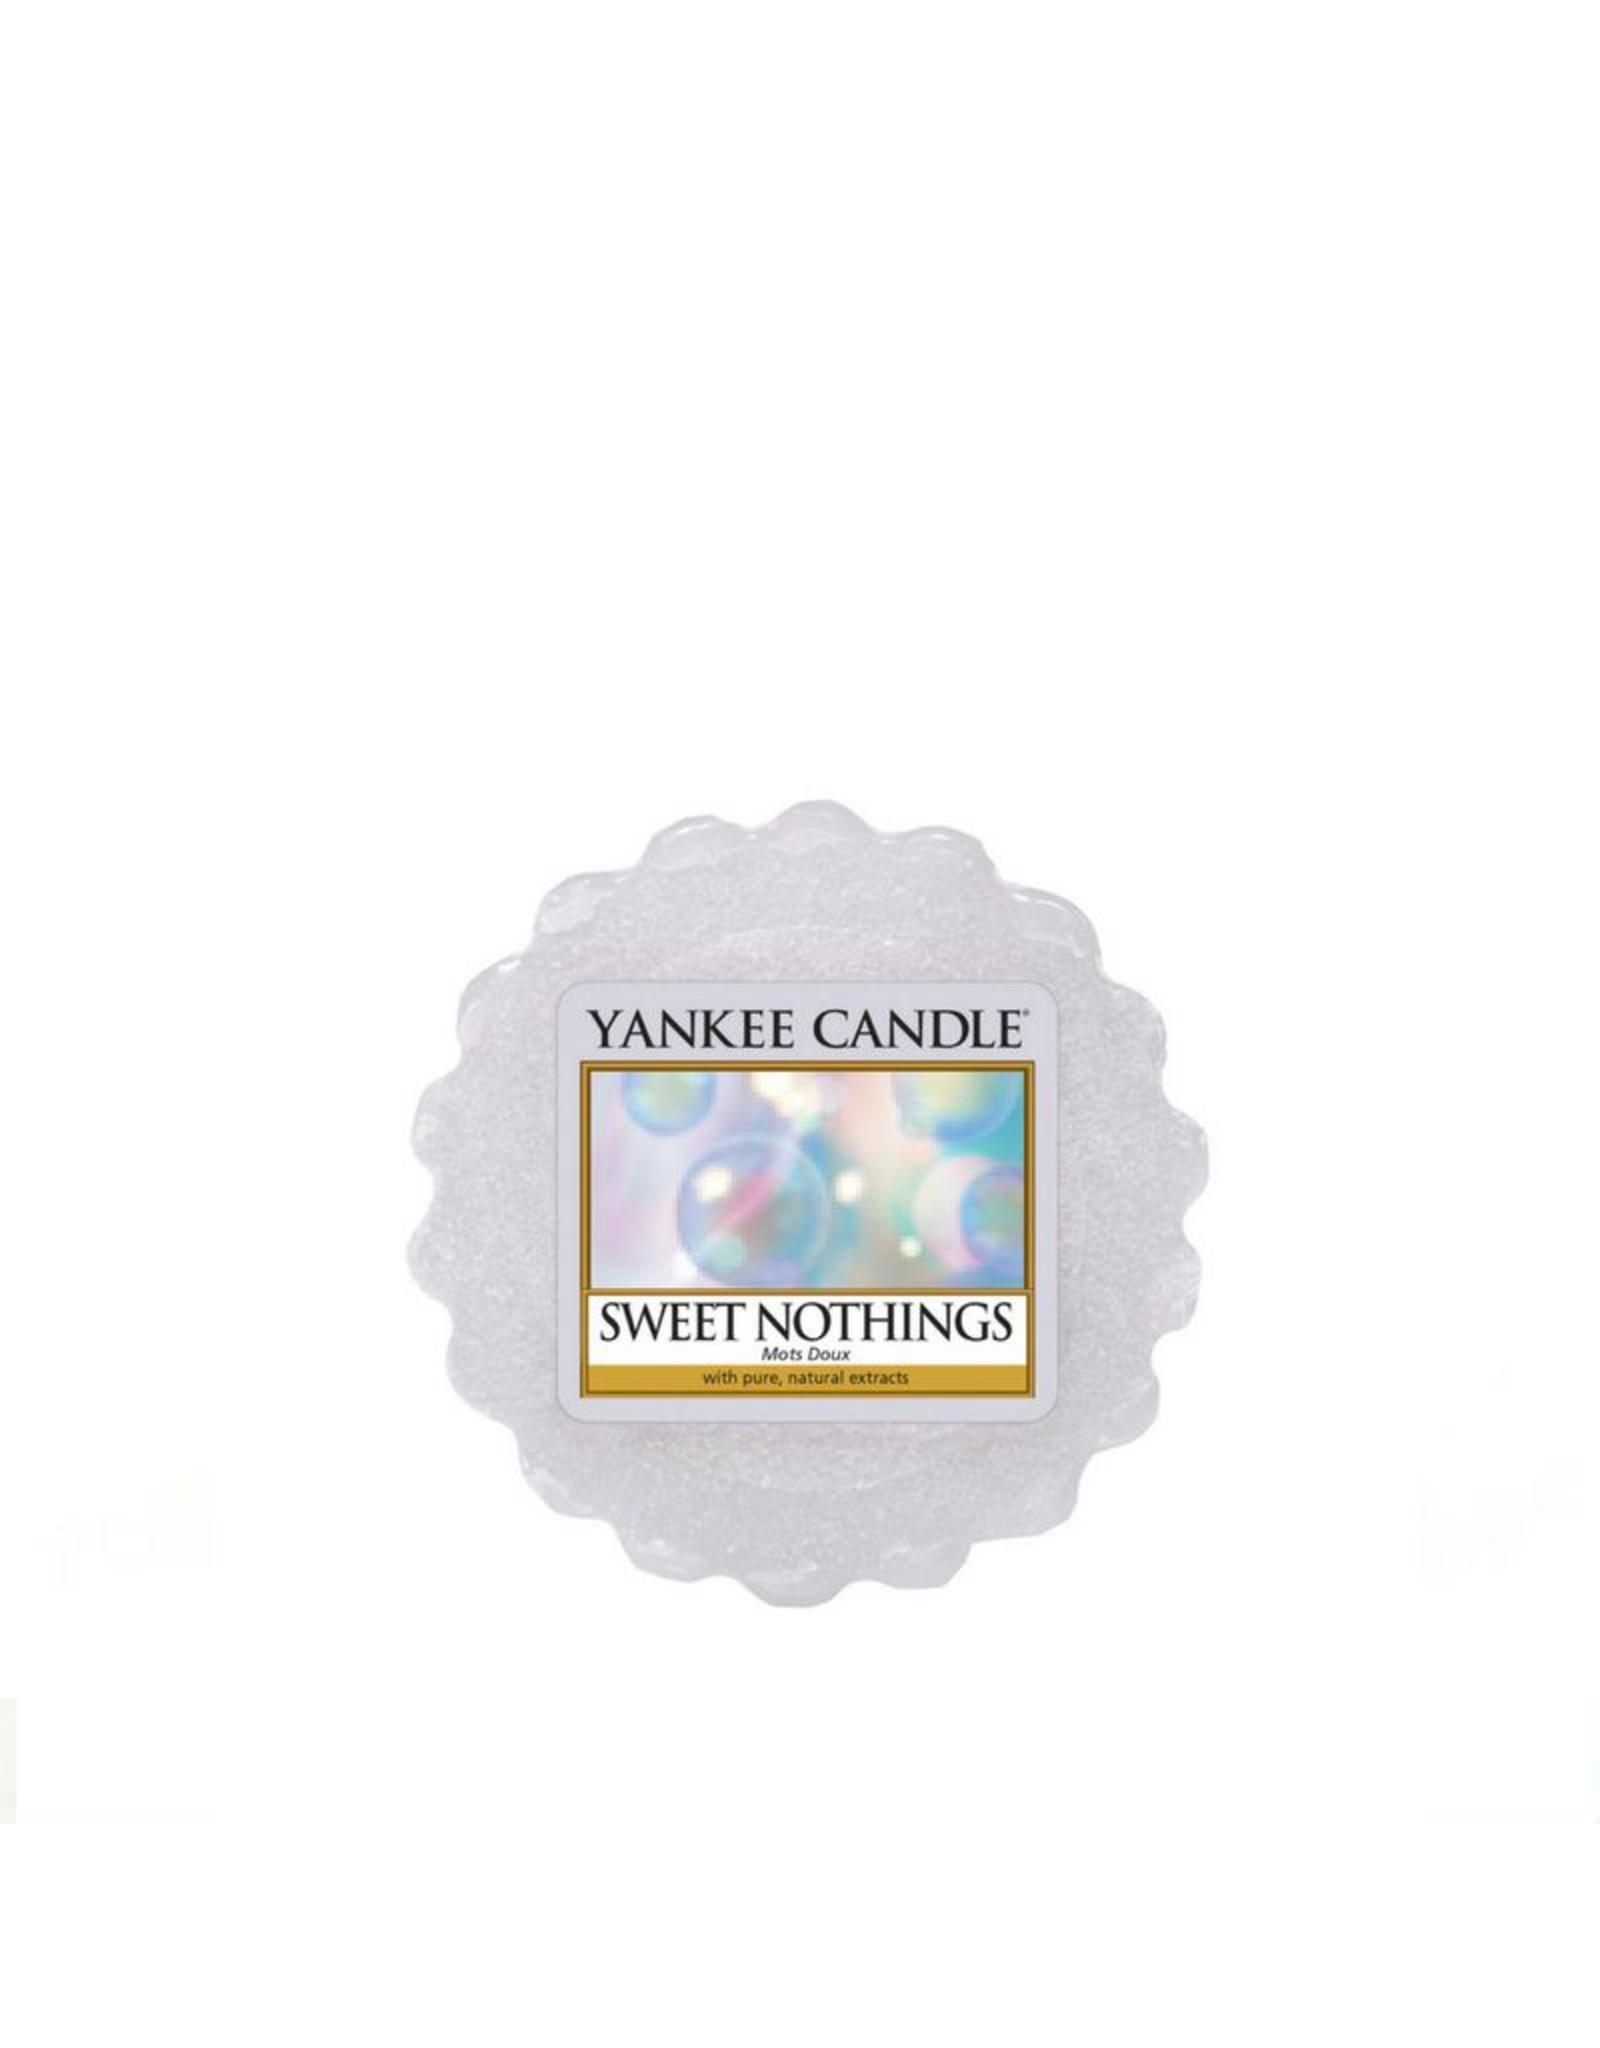 Yankee Candle Sweet Nothings - Tart